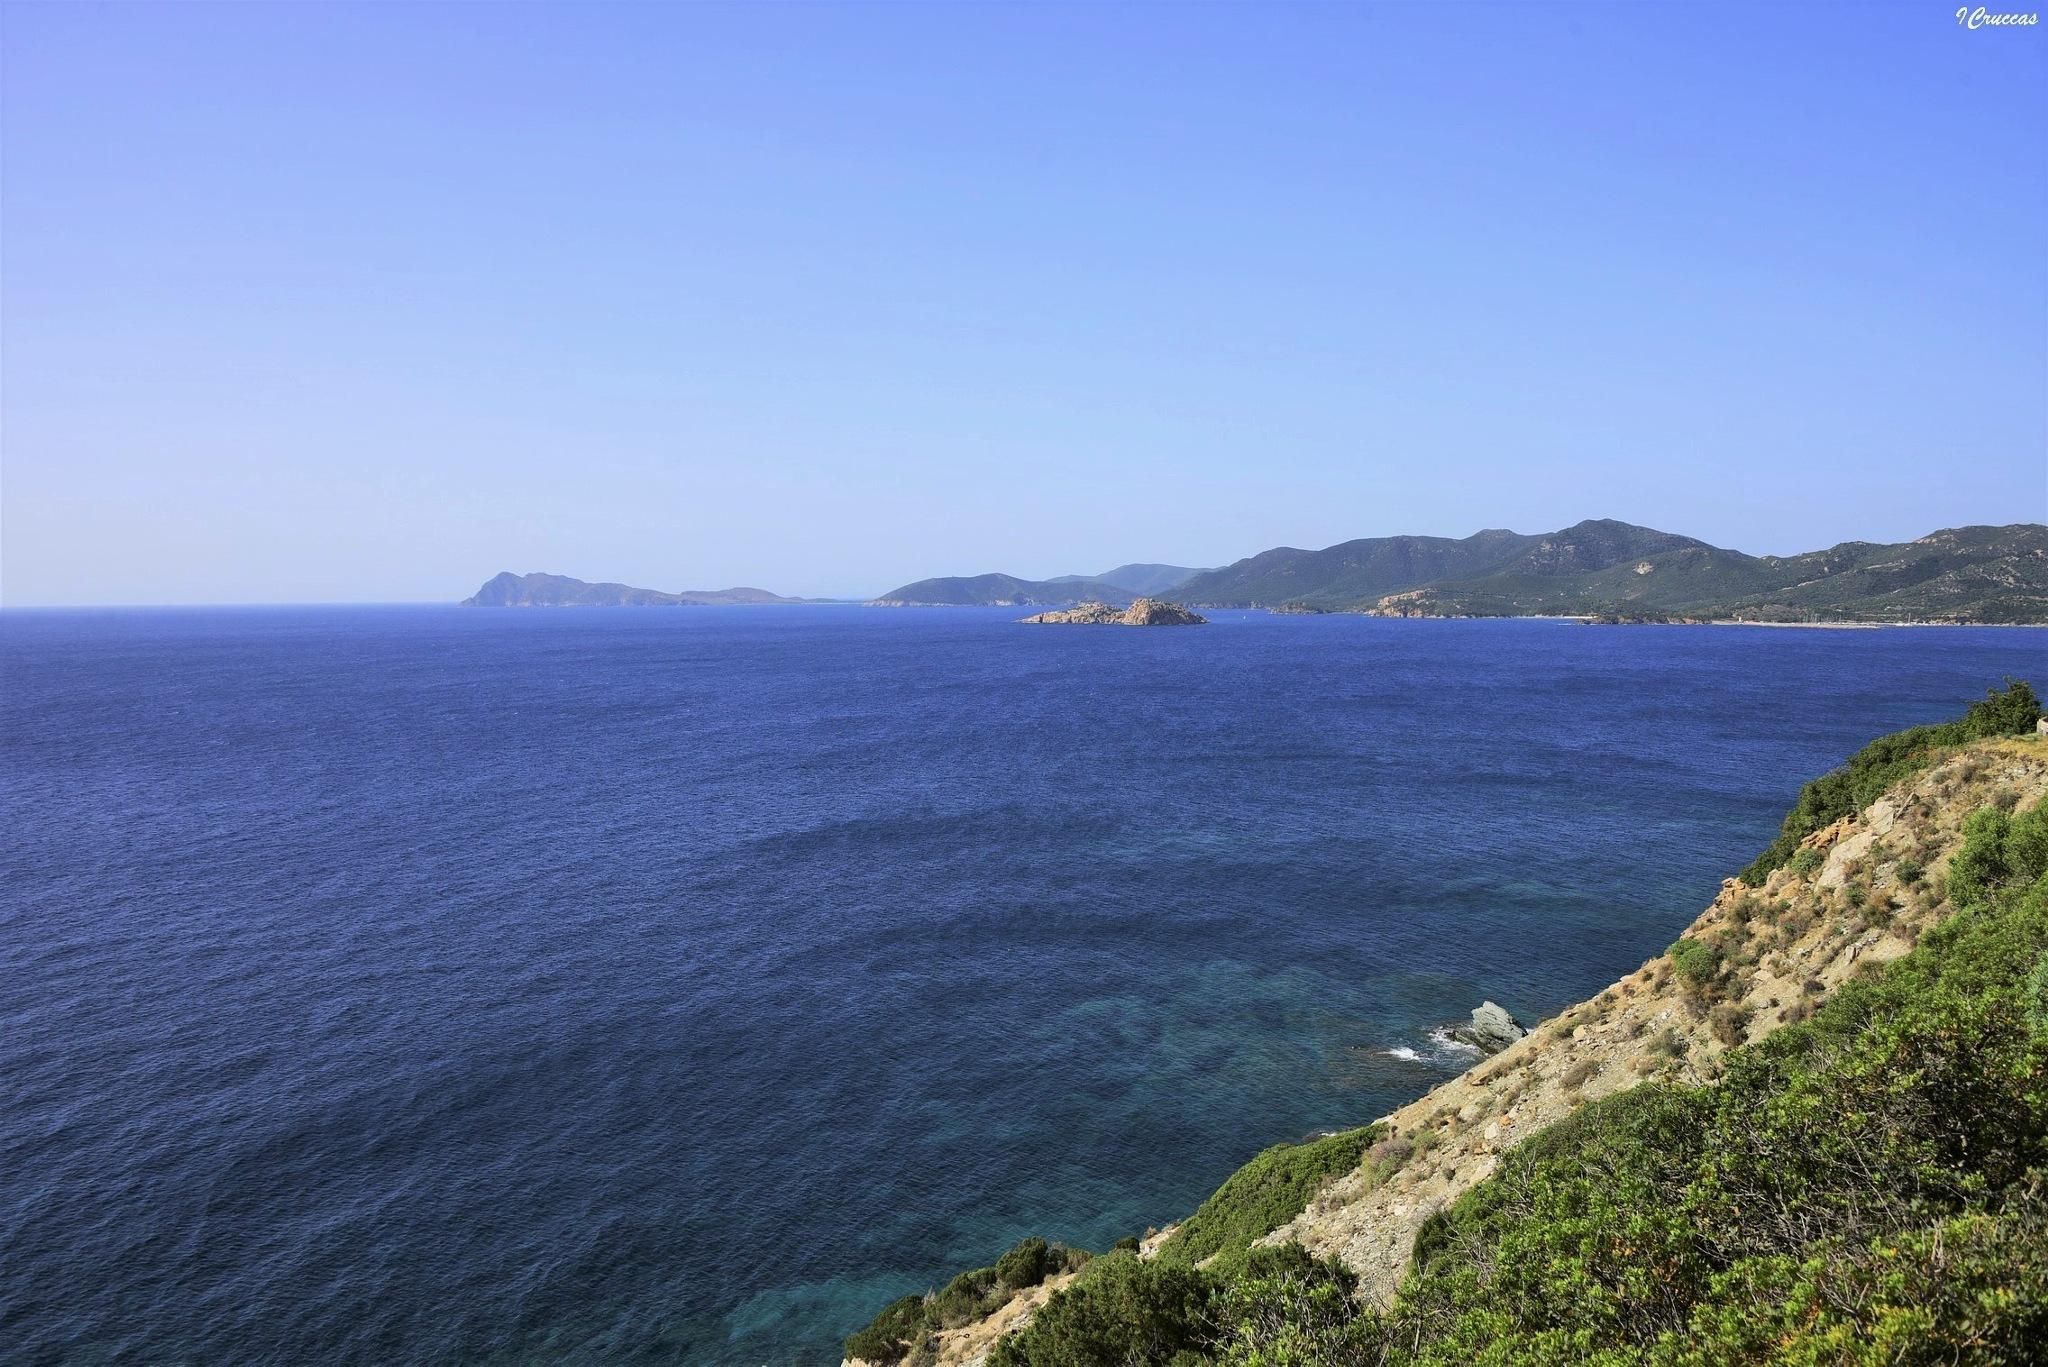 Sea Land by ignazio cruccas